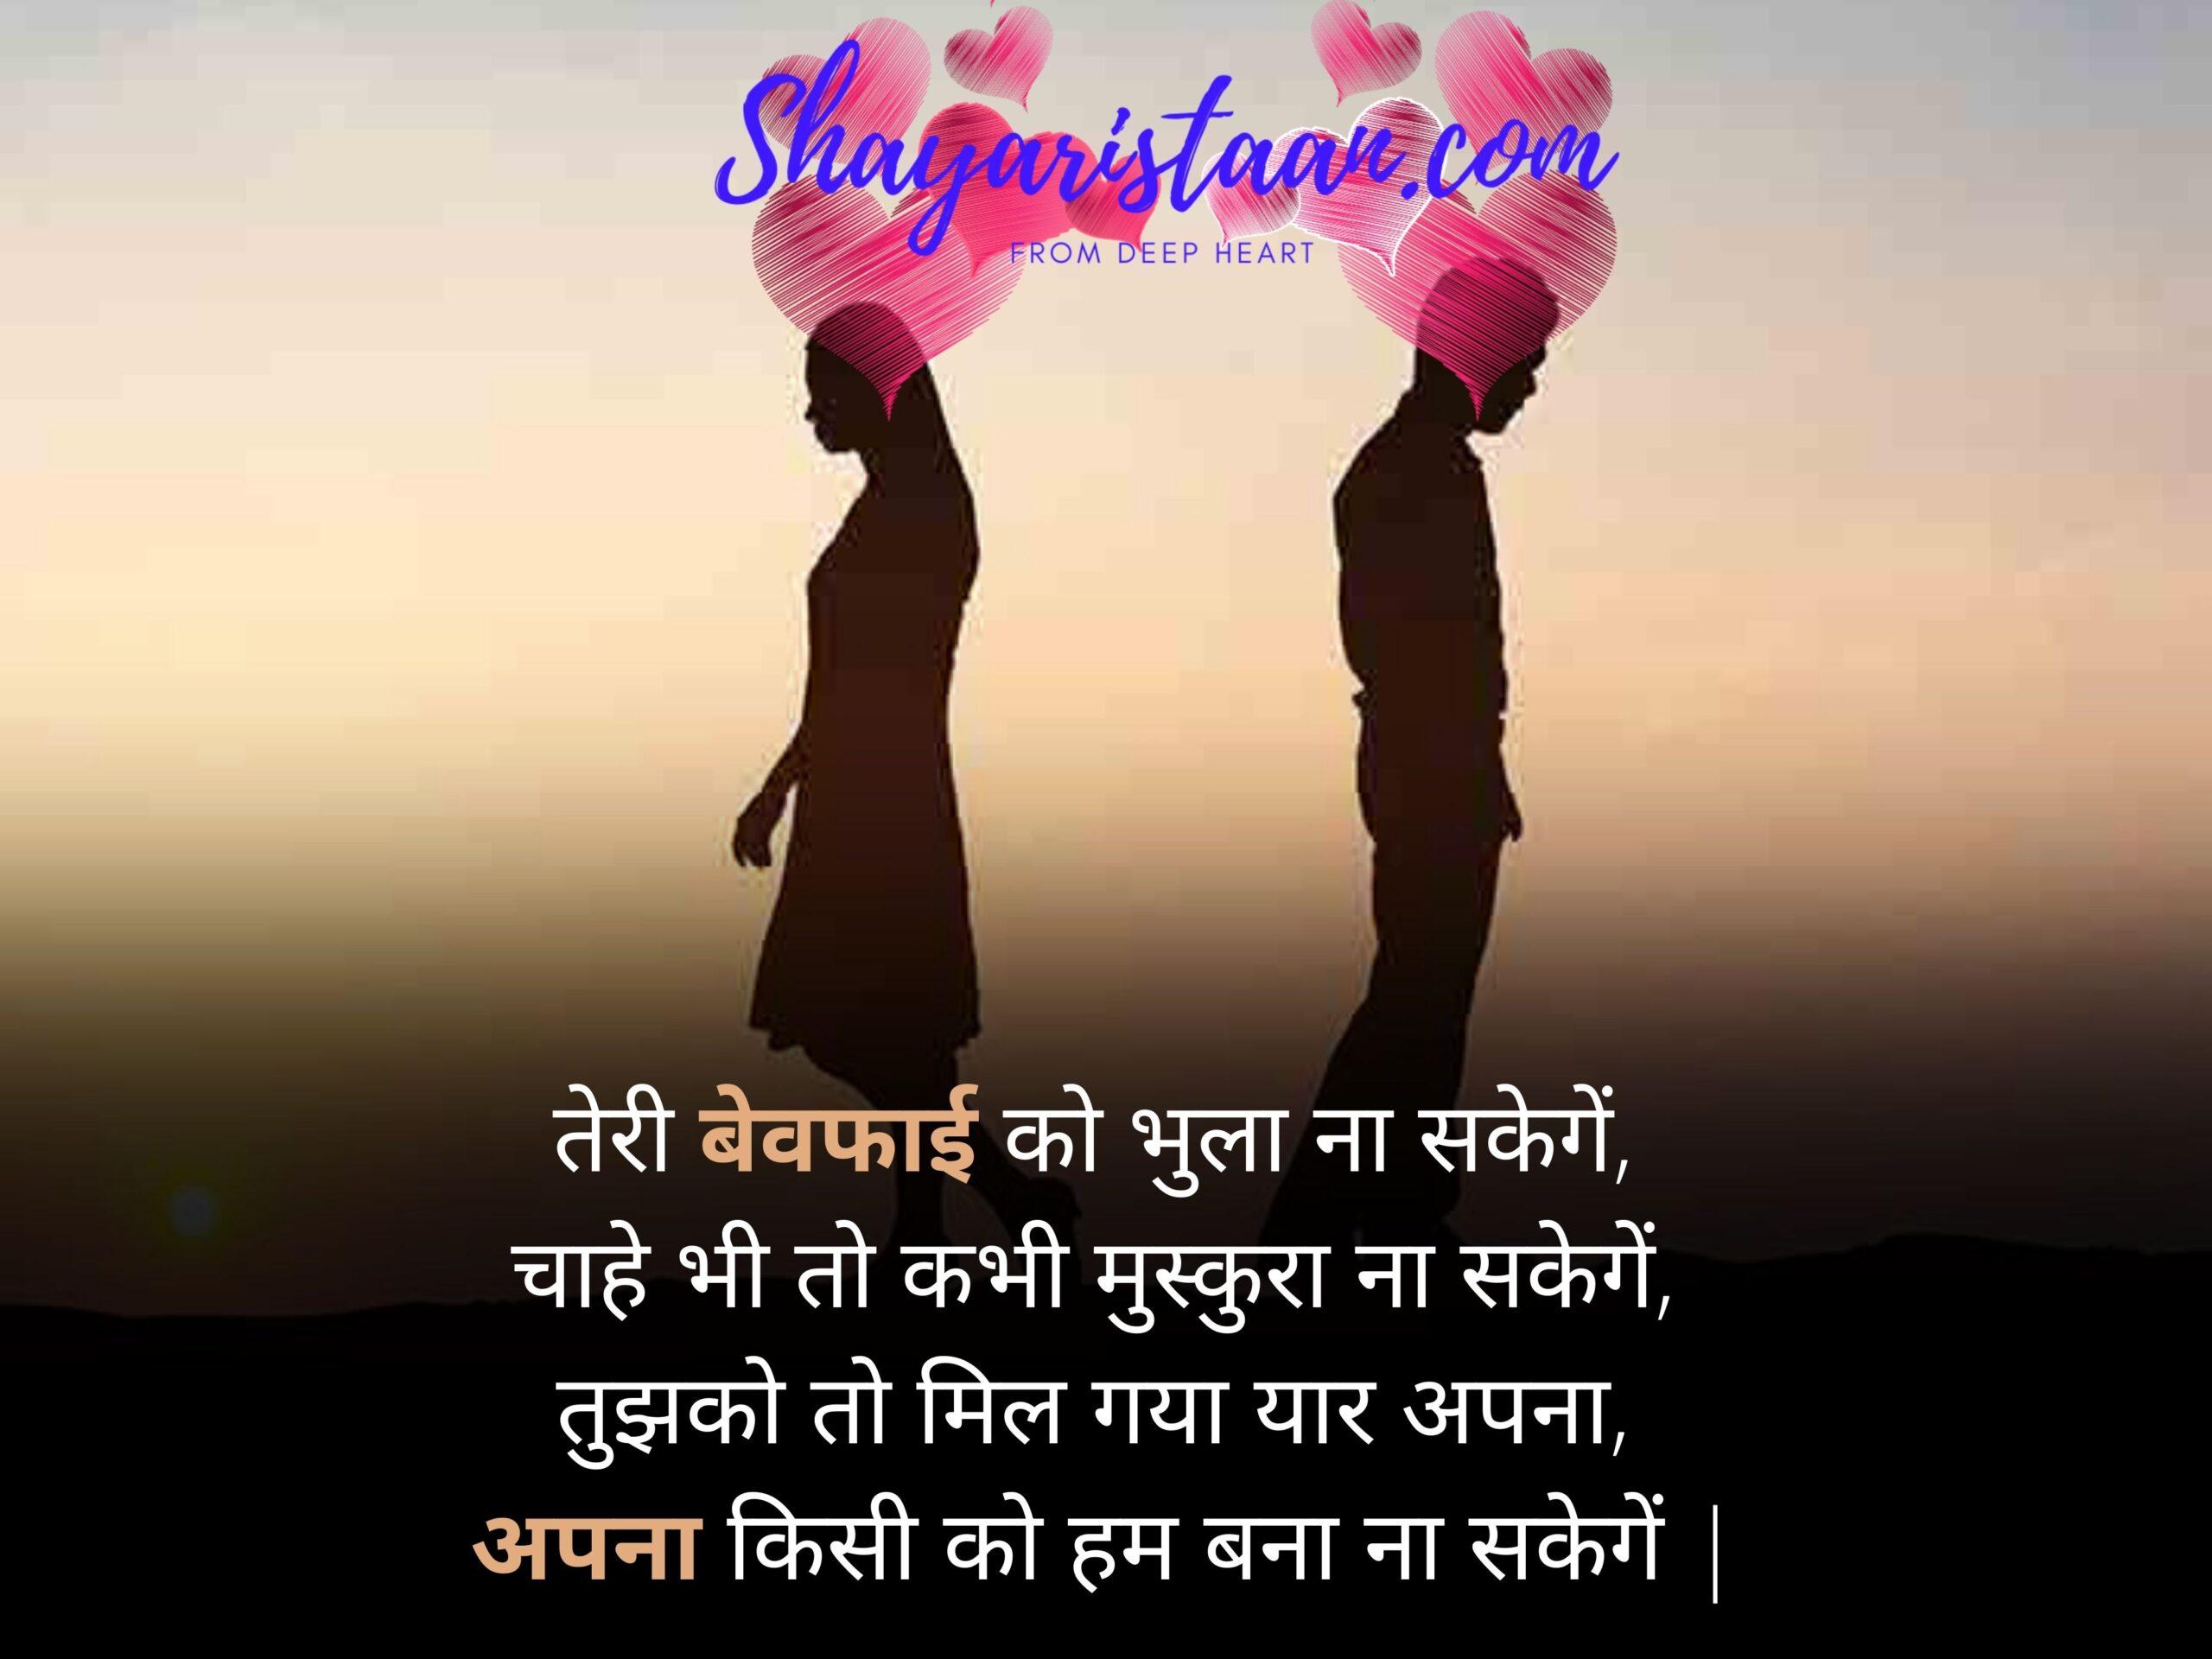 bewafa shayari in hindi | तेरी बेवफाई को भुला ना सकेगें,  चाहे भी तो कभी मुस्कुरा ना सकेगें,  तुझको तो मिल गया यार अपना,  अपना किसी को हम बना ना सकेगें |